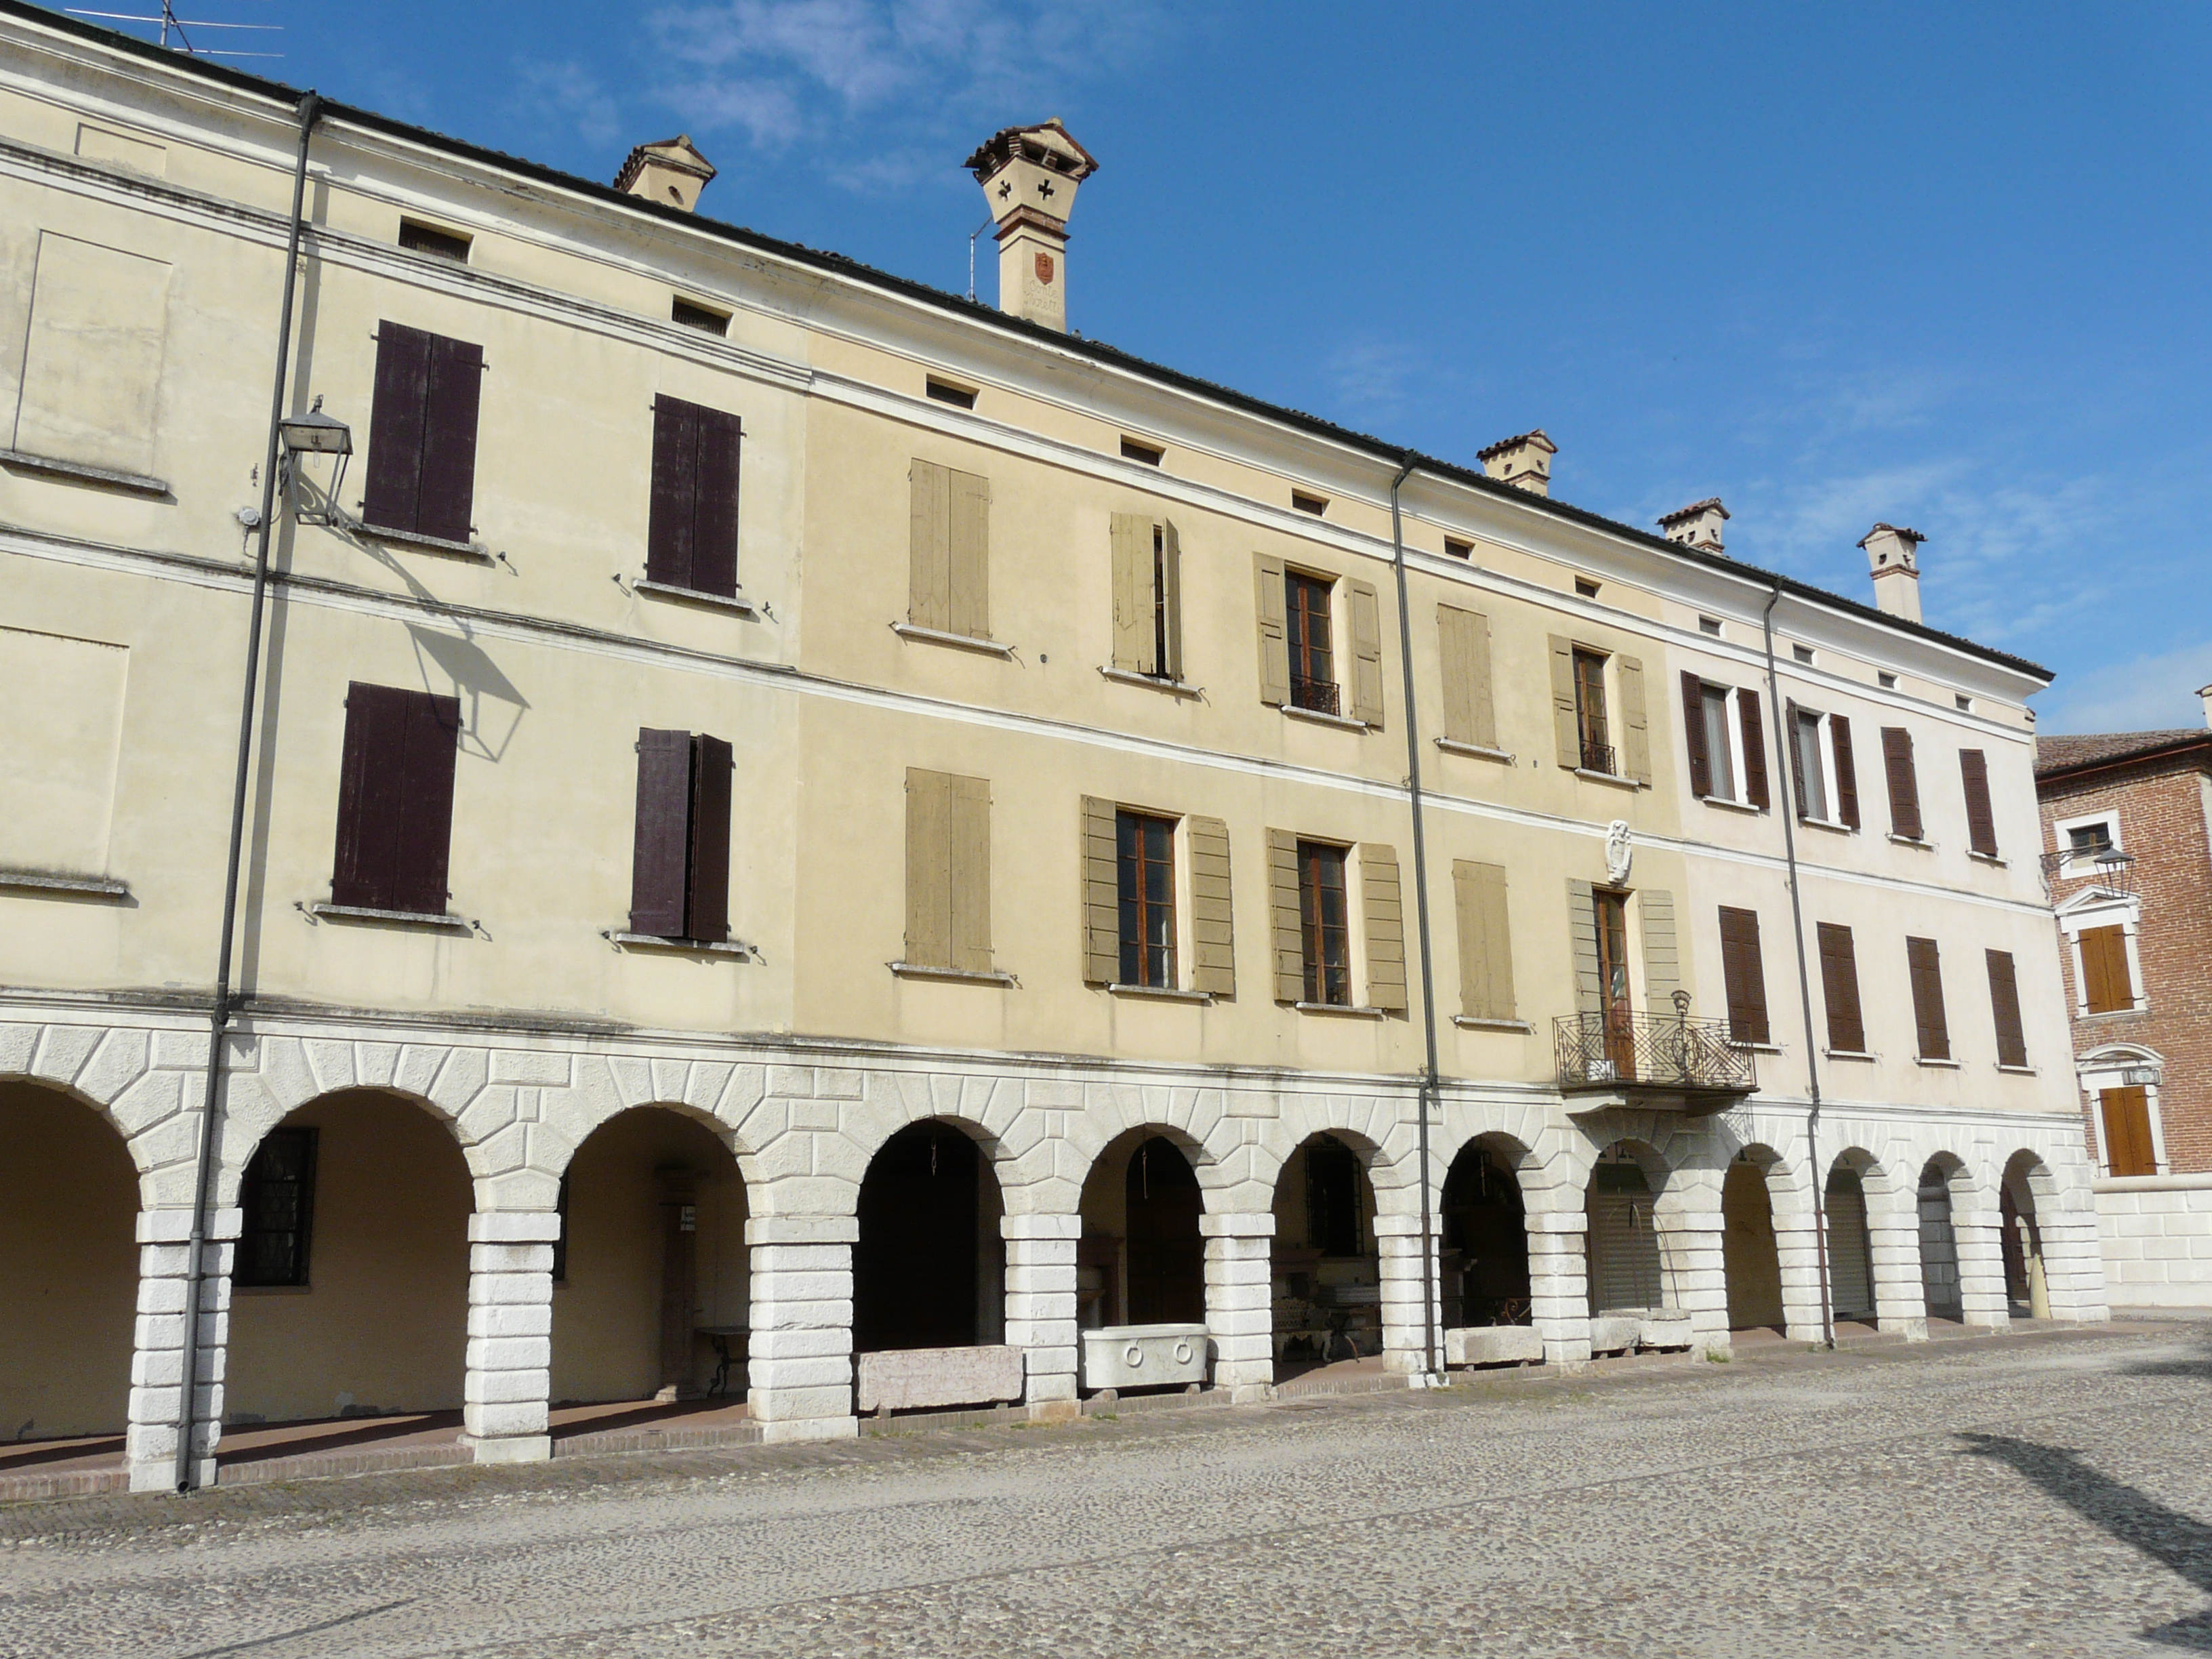 sabbioneta-palazzo-piazza-ducale